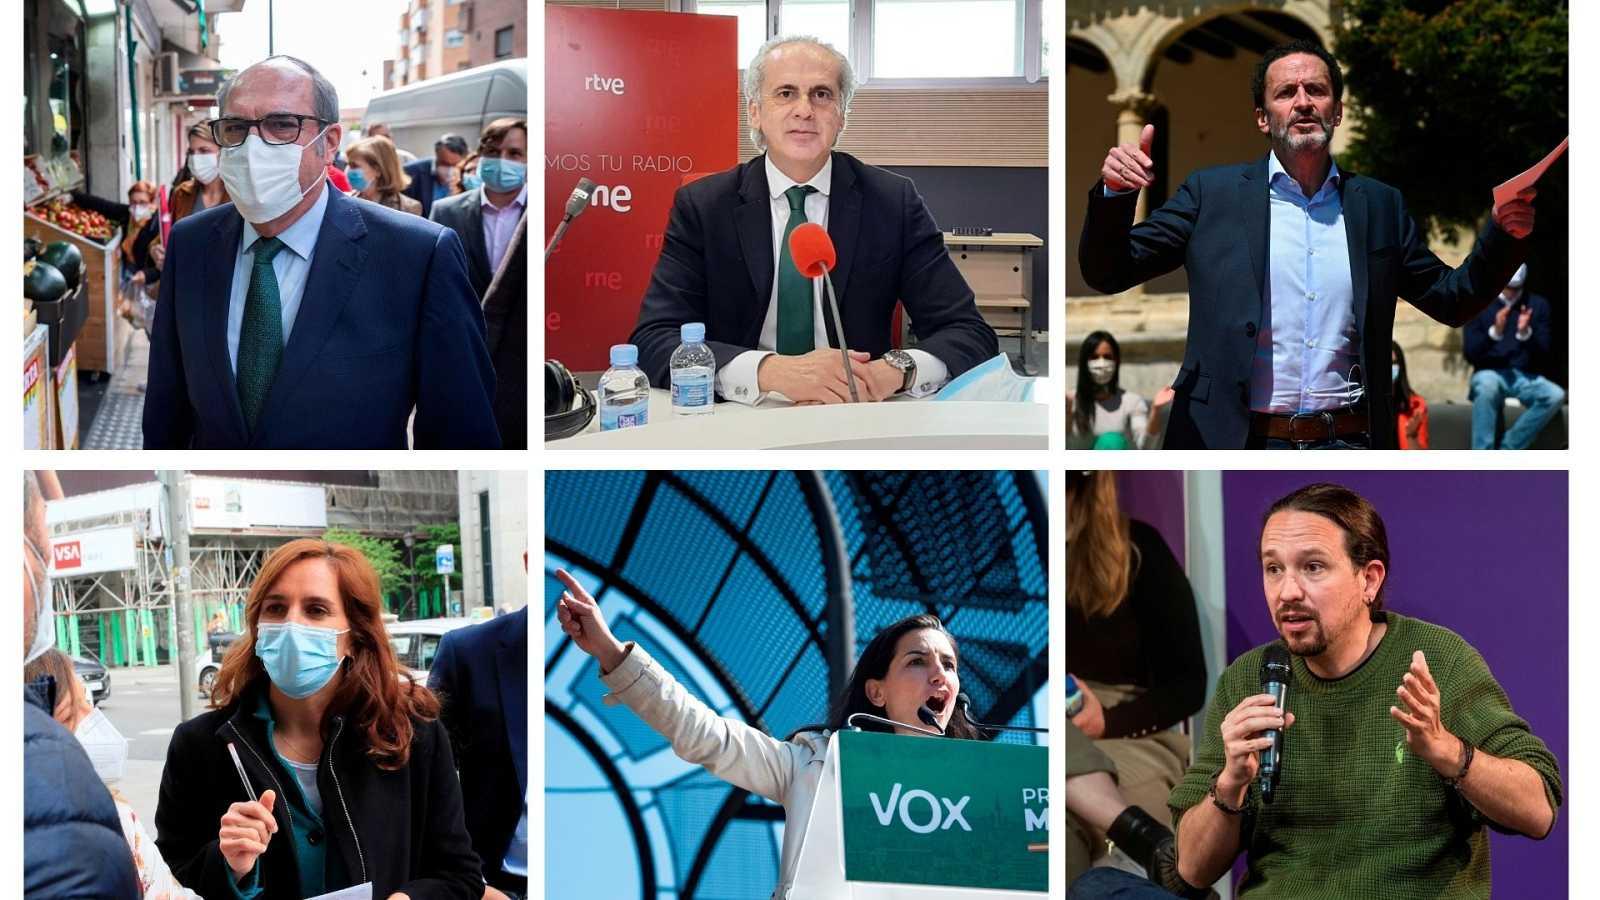 24 horas - La fiscalidad marca la jornada de campaña electoral en Madrid - Escuchar ahora